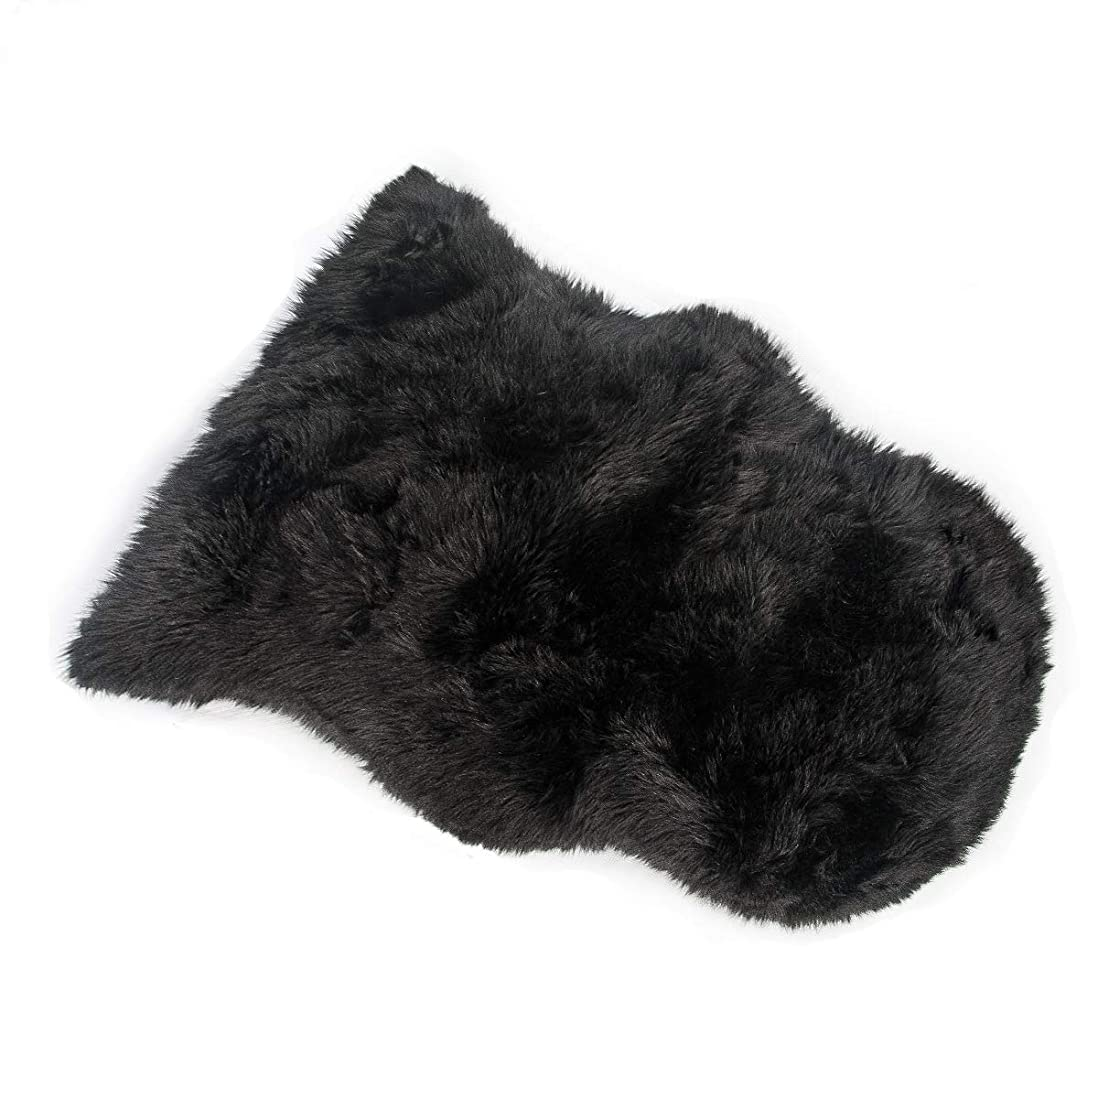 物語博物館不誠実HLZDHKJ フェイクシープスキンラグ ムートンマット 洗える 人工ウールマット 長毛 ふんわり 柔らか滑り止め付き高級感あるソファシートマットリビングルームラグ (ブラック, 50 X 80 CM)